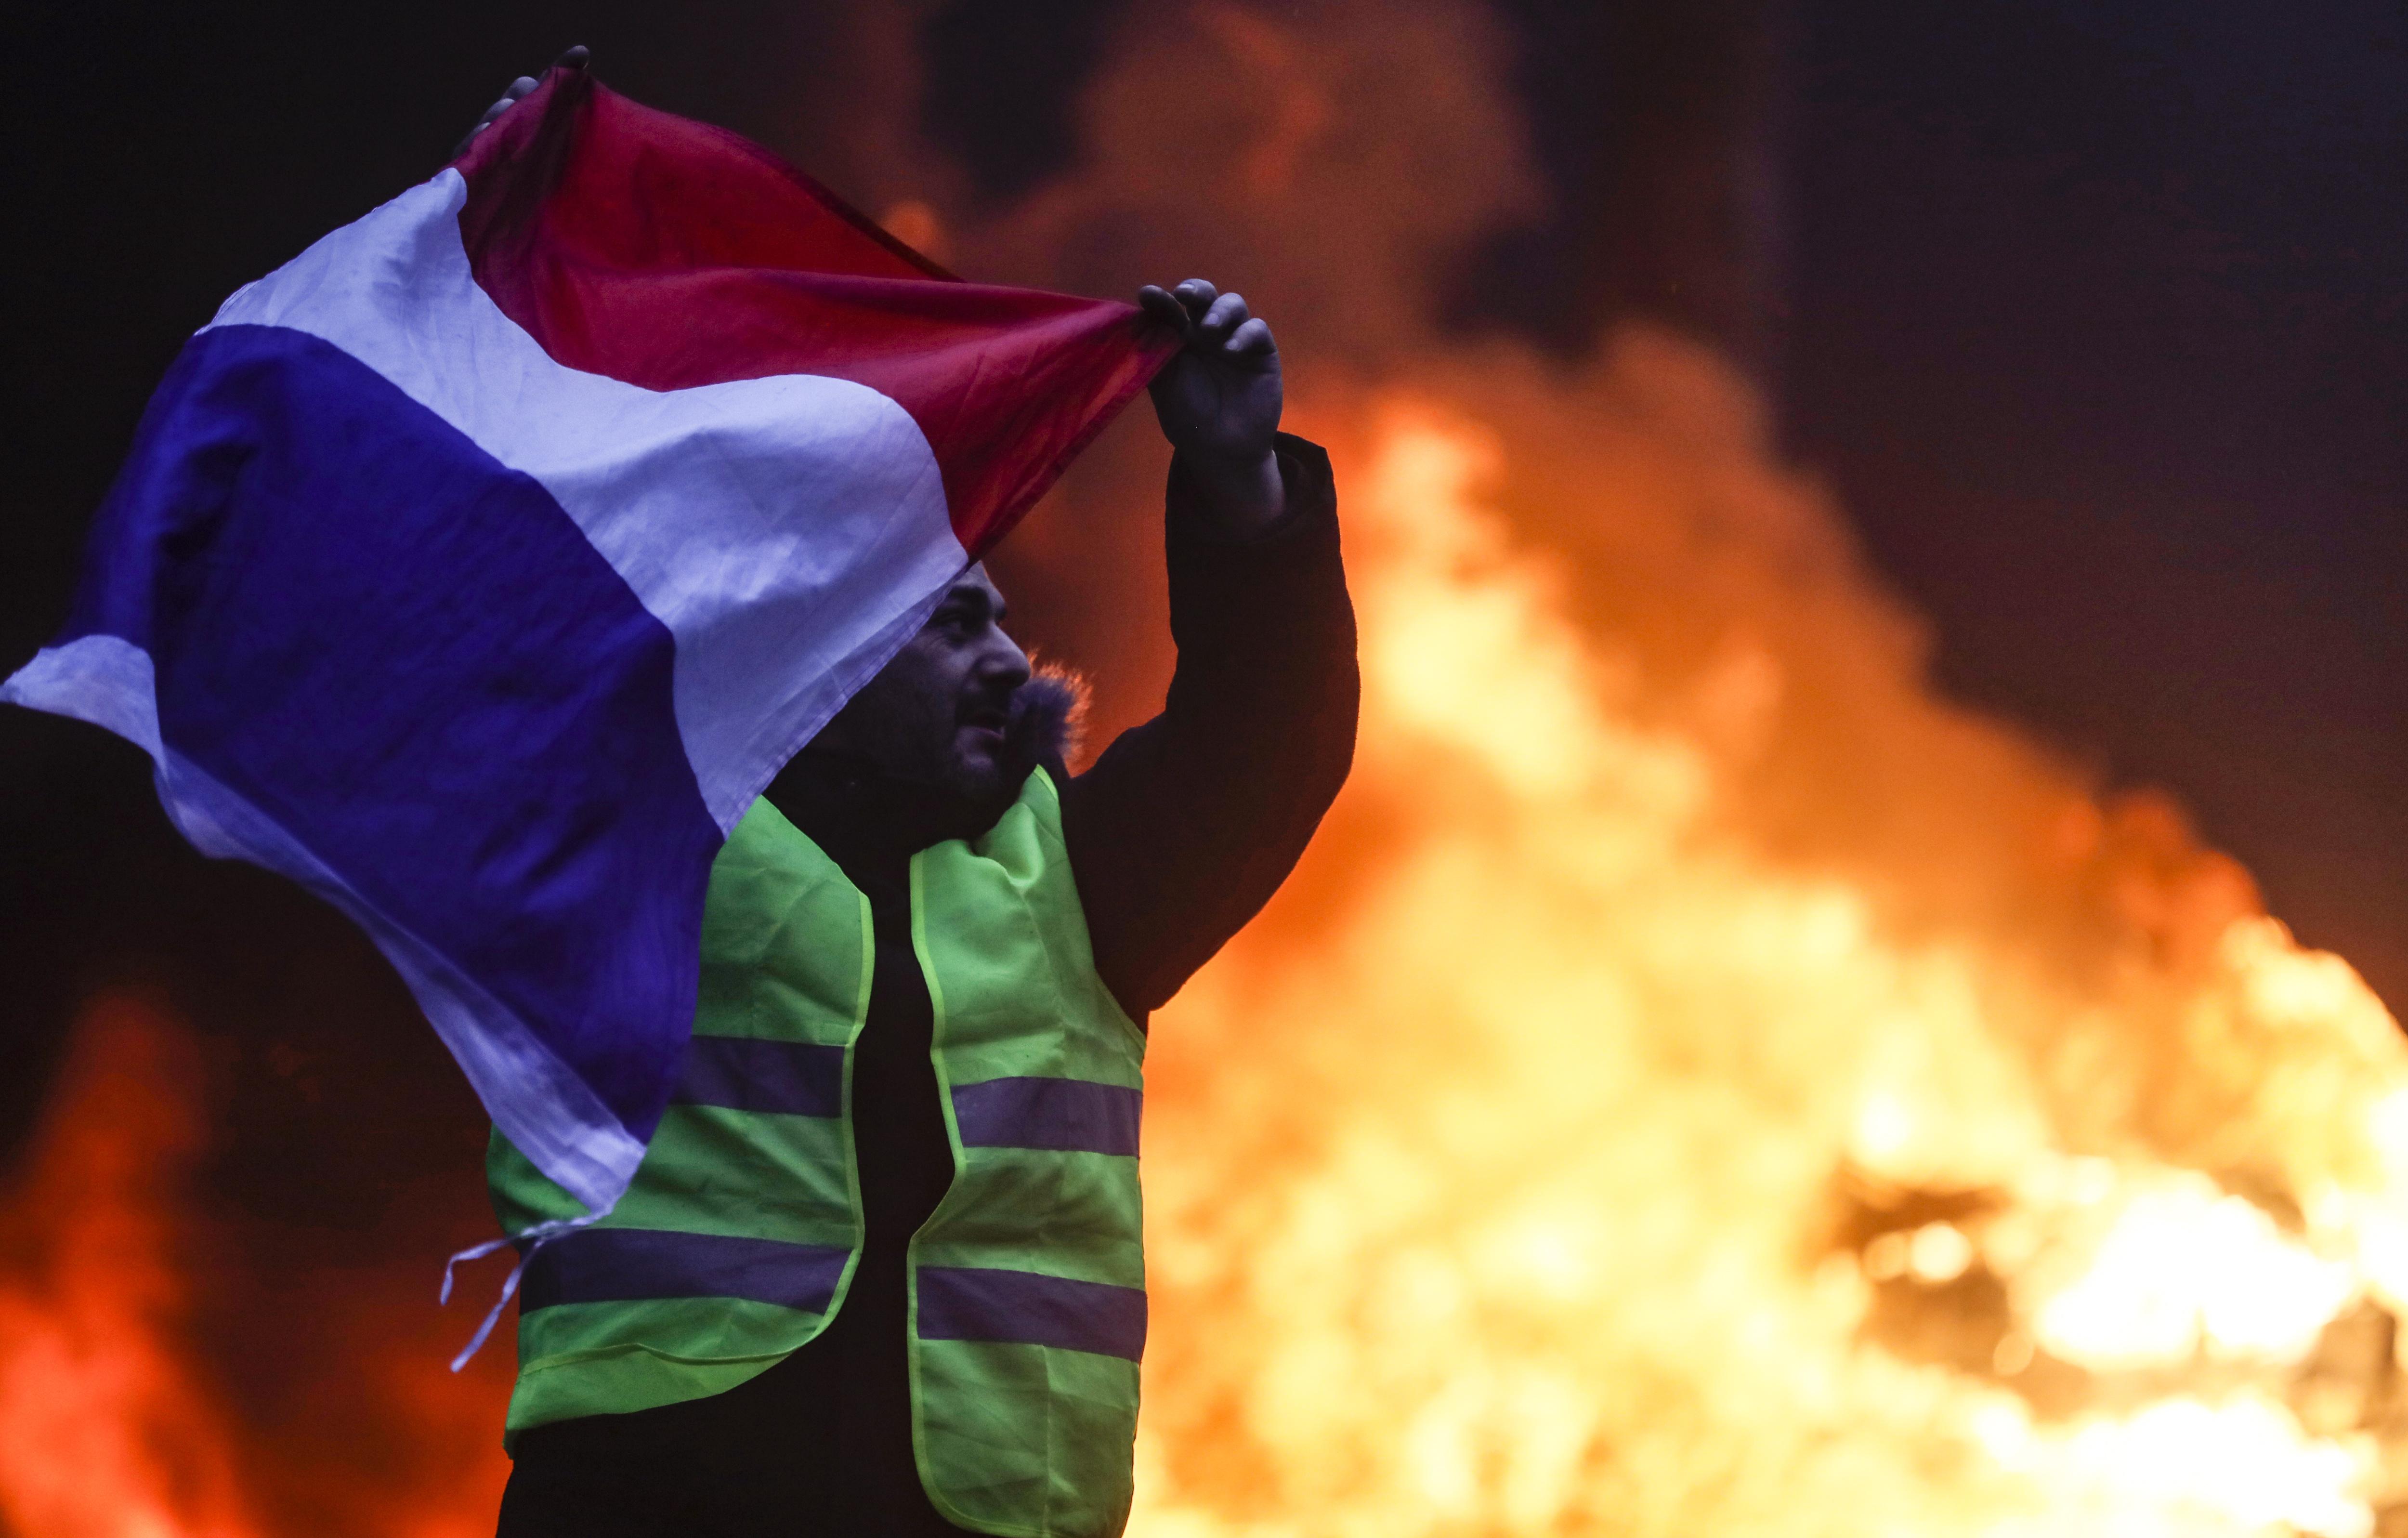 PARIZ Najmanje 224 osobe uhićene u prosvjedu, stotinjak ozlijeđenih